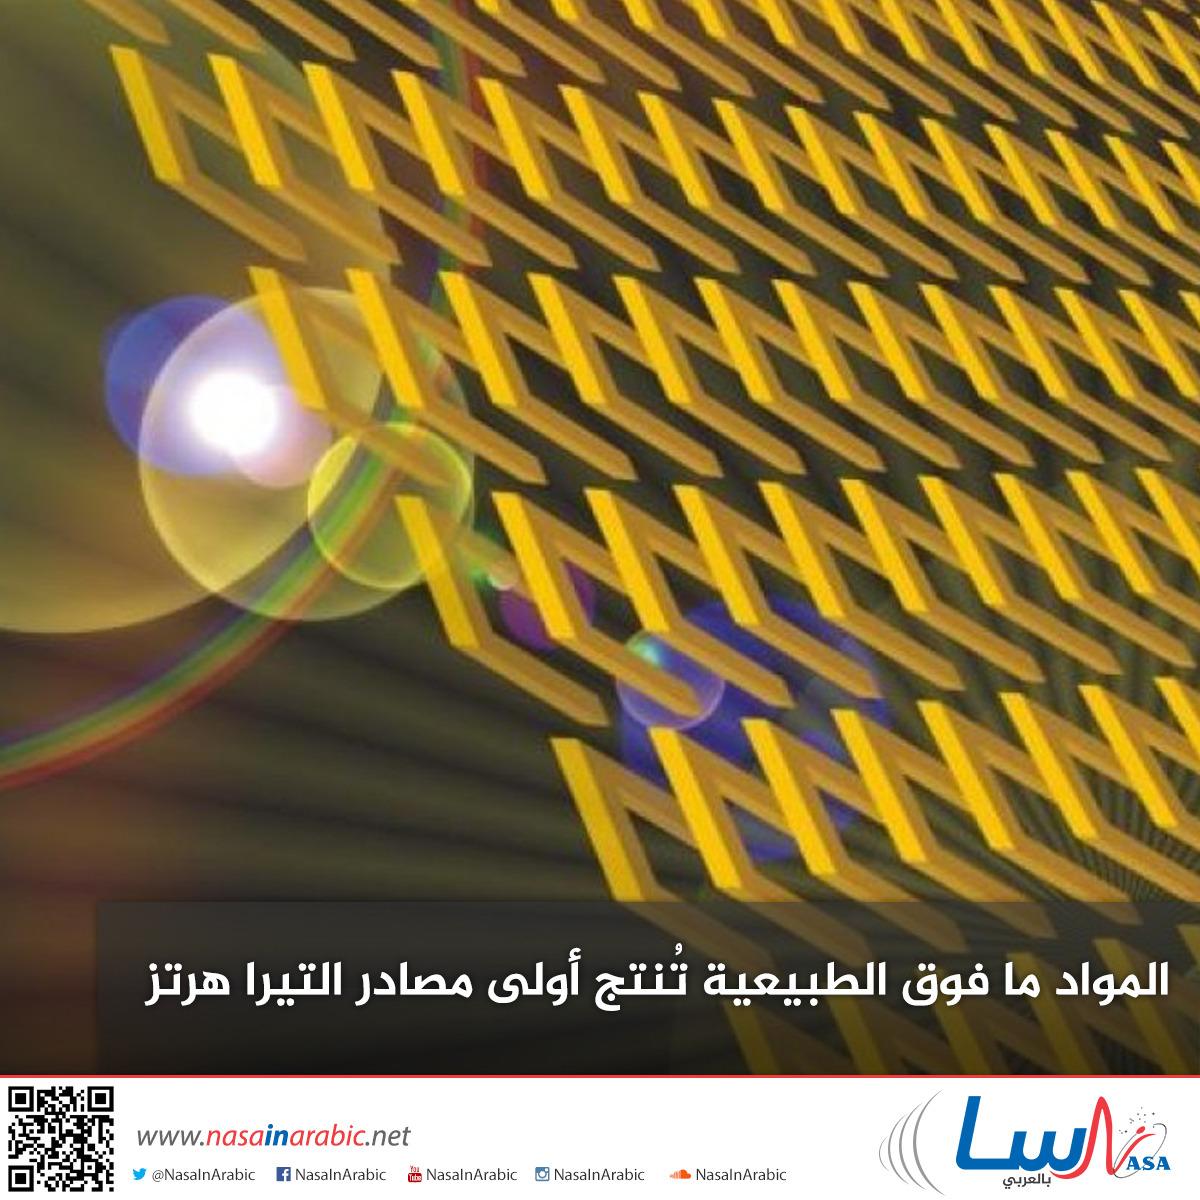 المواد ما فوق الطبيعية تُنتج أولى مصادر التيرا هرتز